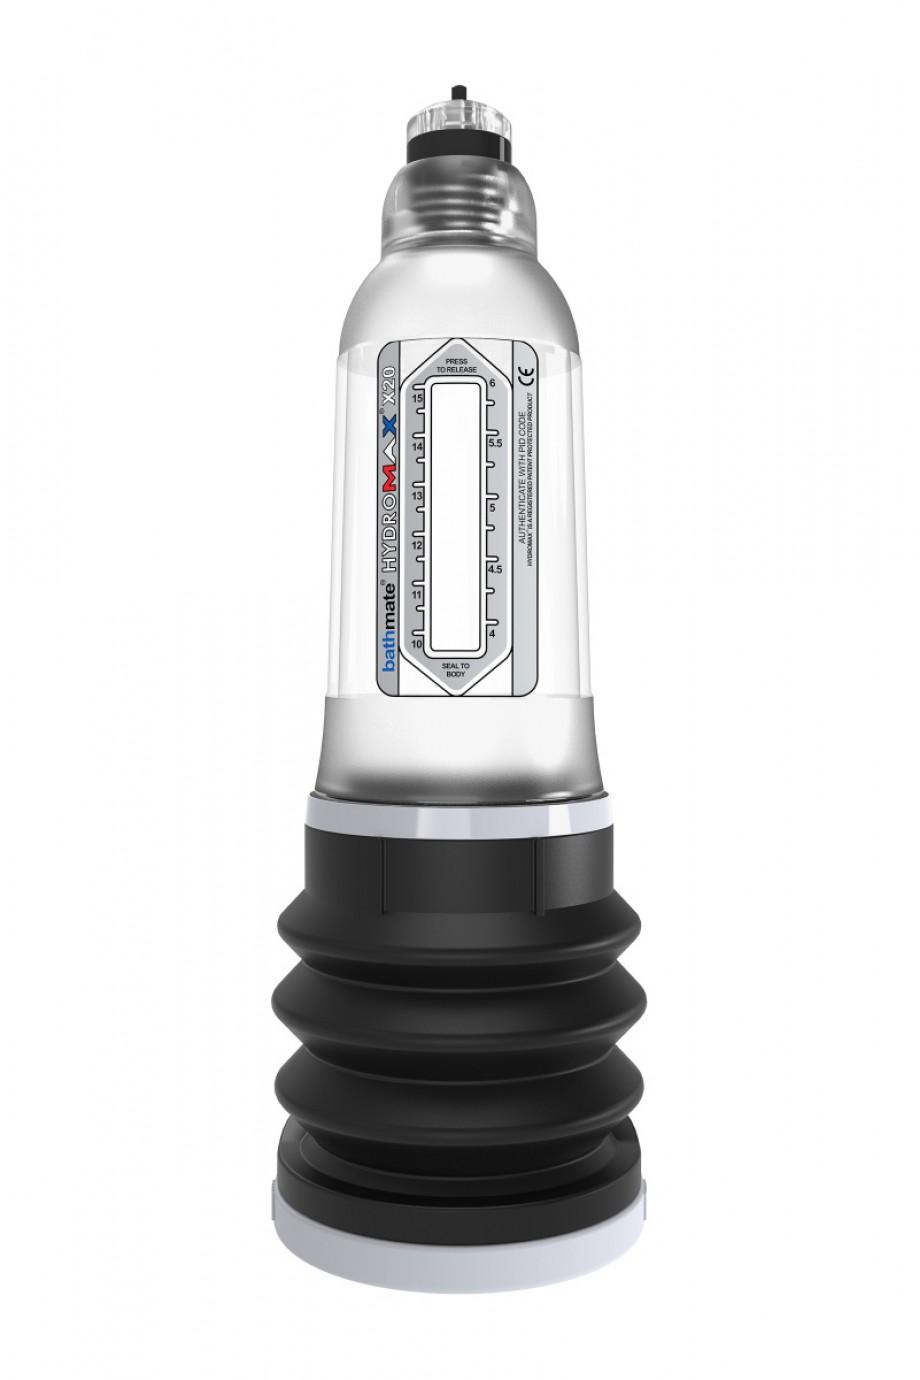 Гидропомпа Bathmate Hydromax X20, прозрачная, 26 см